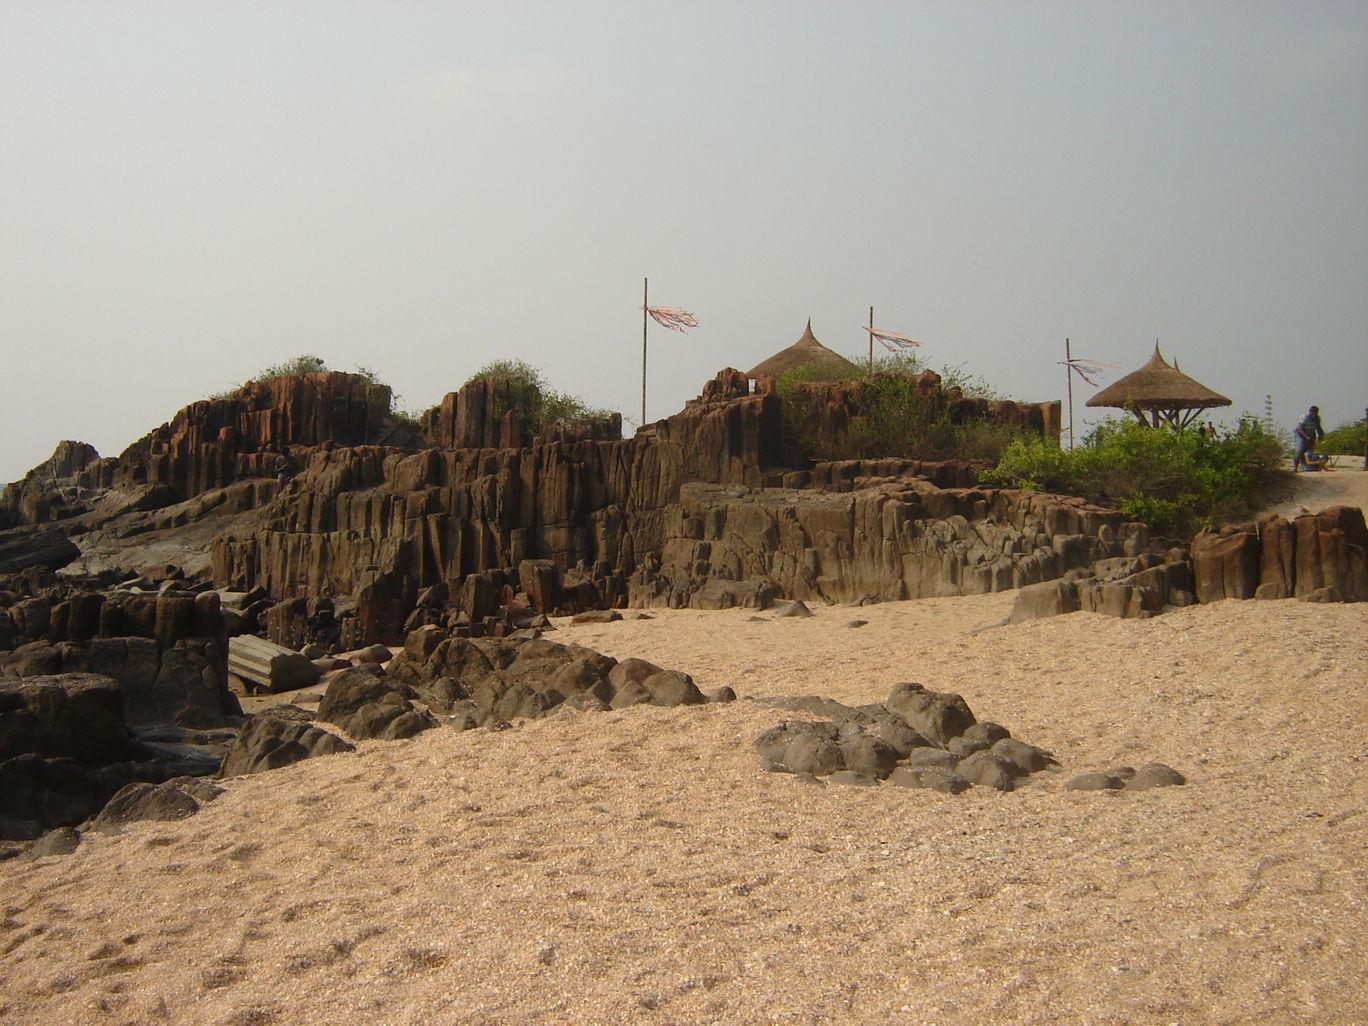 Photo of St Mary's Island By Meghana Manohar